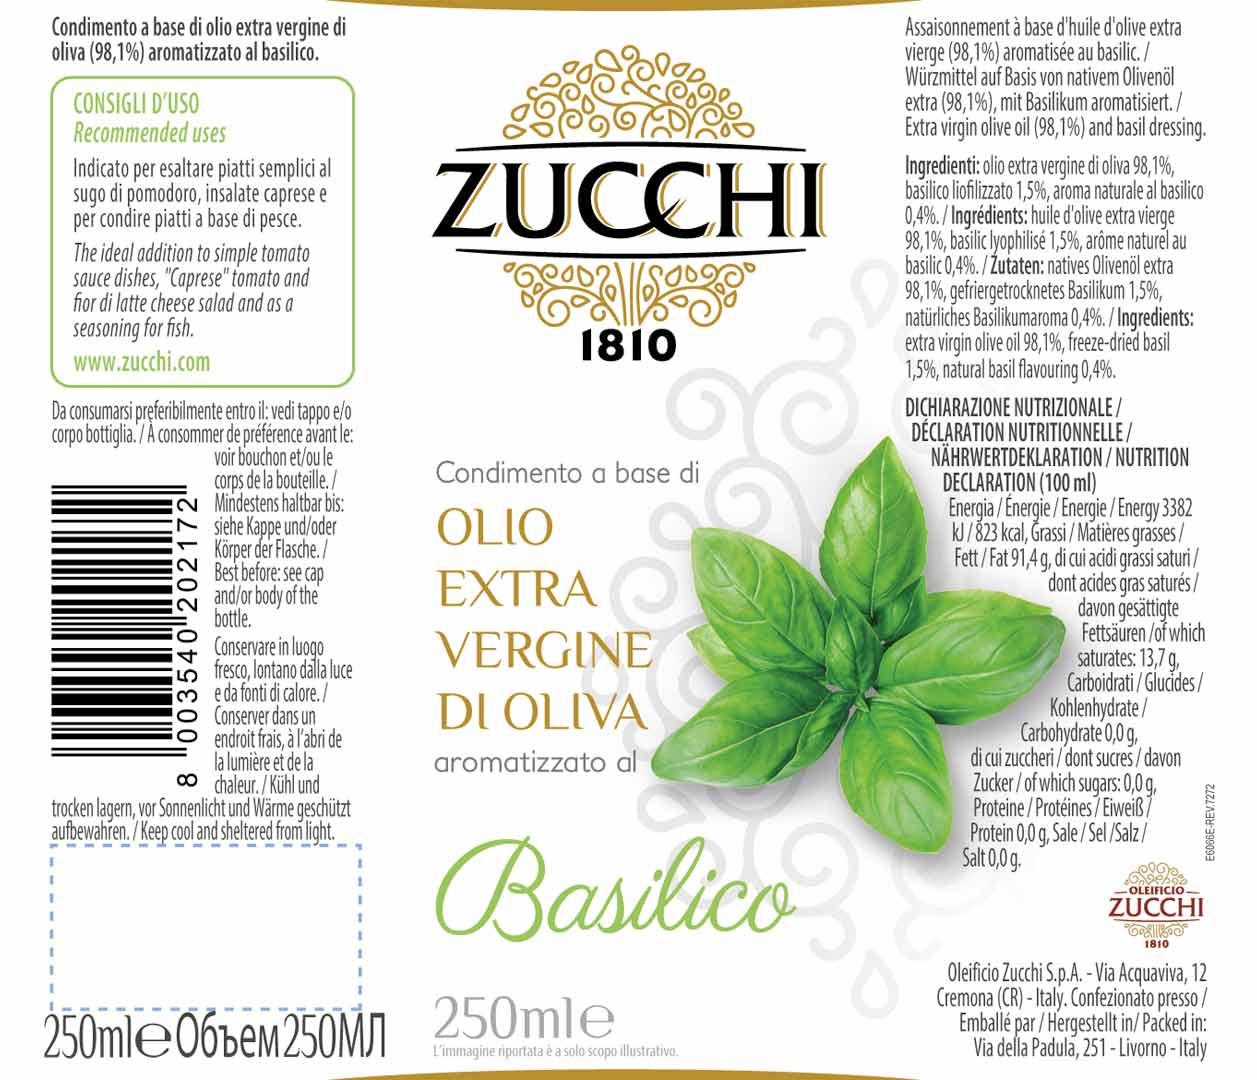 Etichetta BasilicoXX